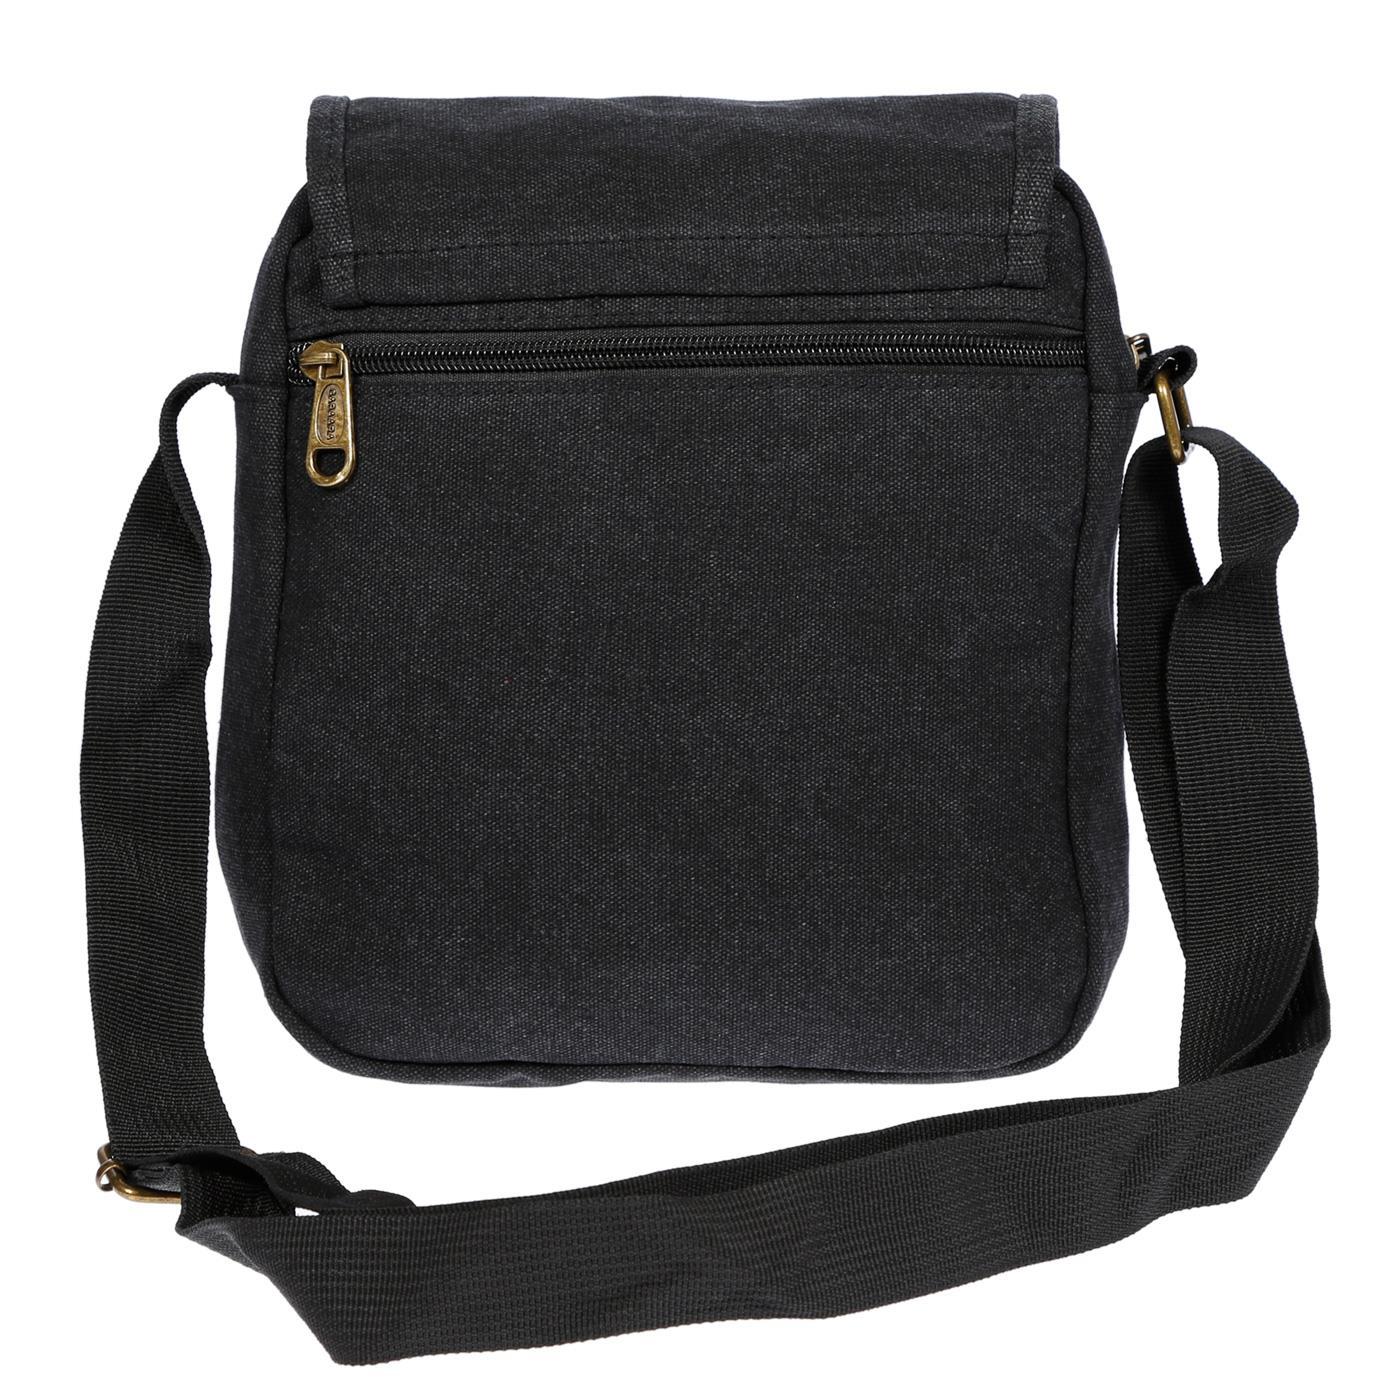 Damen-Herren-Tasche-Canvas-Umhaengetasche-Schultertasche-Crossover-Bag-Handtasche Indexbild 14